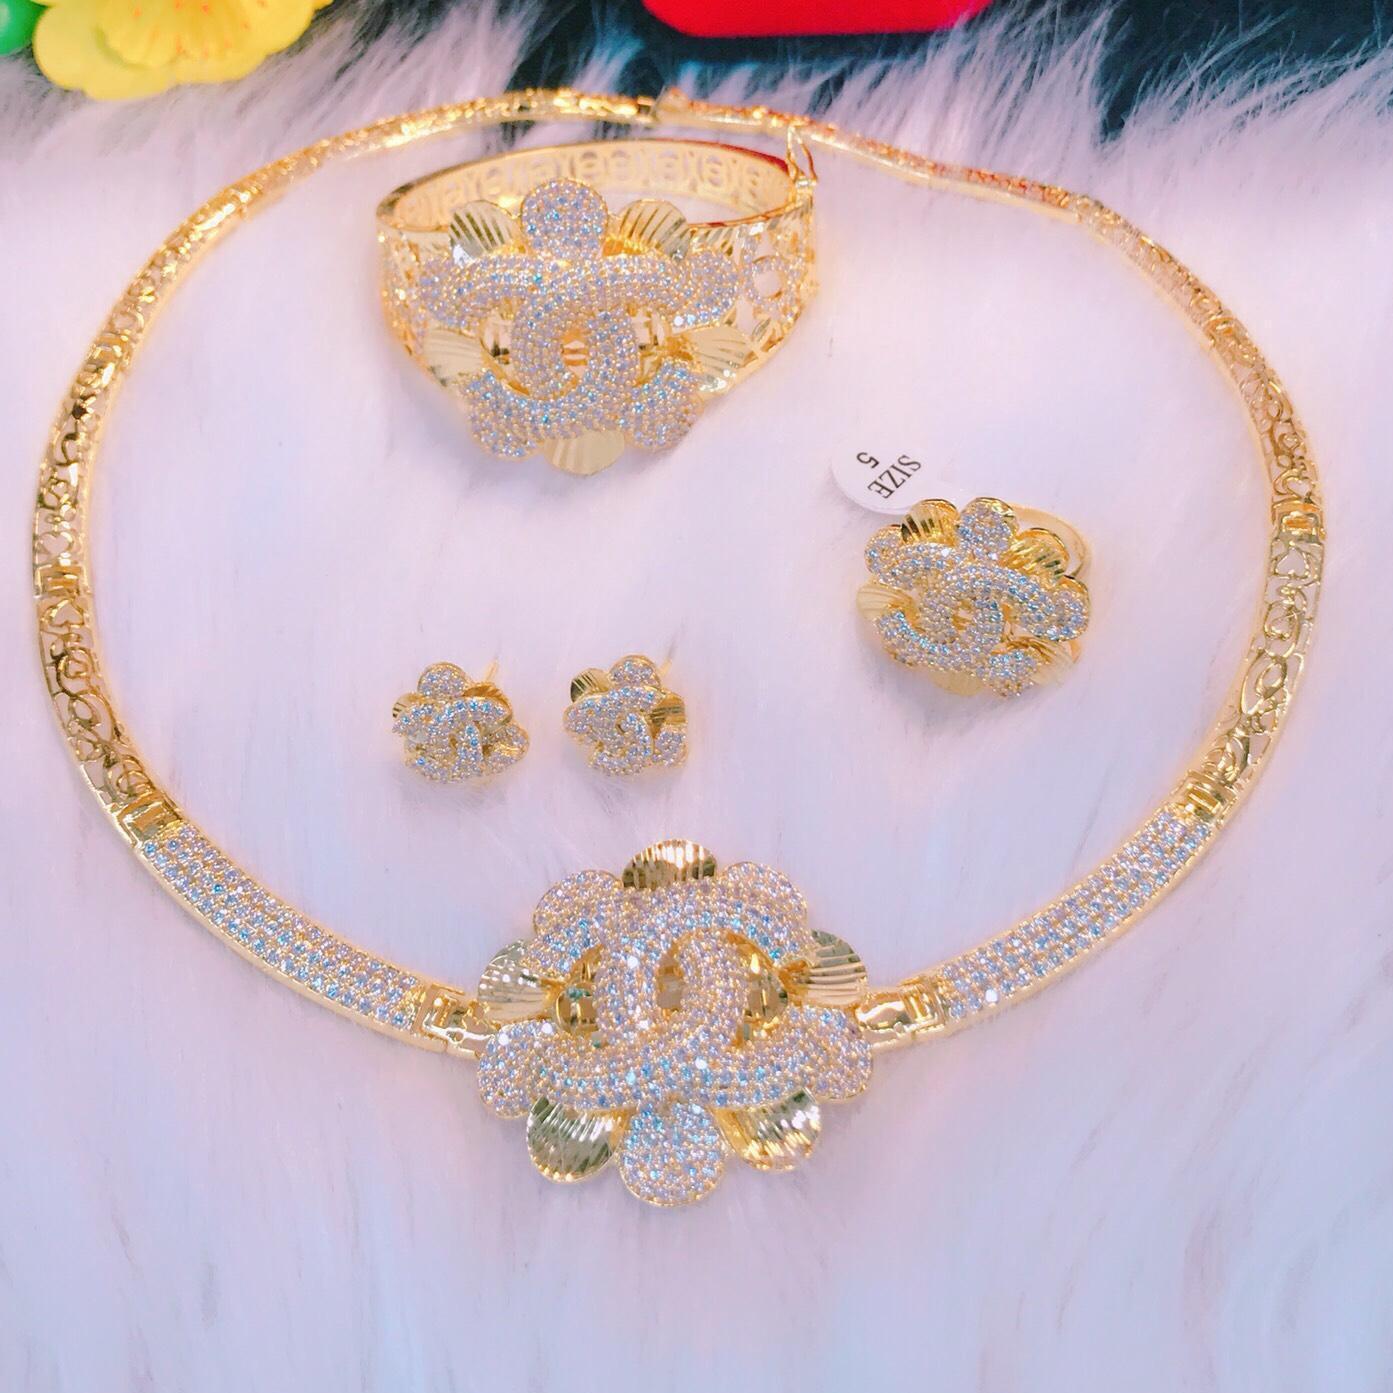 [RẺ VÔ ĐỊCH] Bộ trang sức nữ mạ vàng, bộ trang sức hoa mai phối chữ X dát đá pha lê cao cấp sáng lấp lánh lung linh thiết kế sang trọng quý phái Trang Sức Miga VB401091908 - đeo làm công sở cực sang chảnh và quý phái